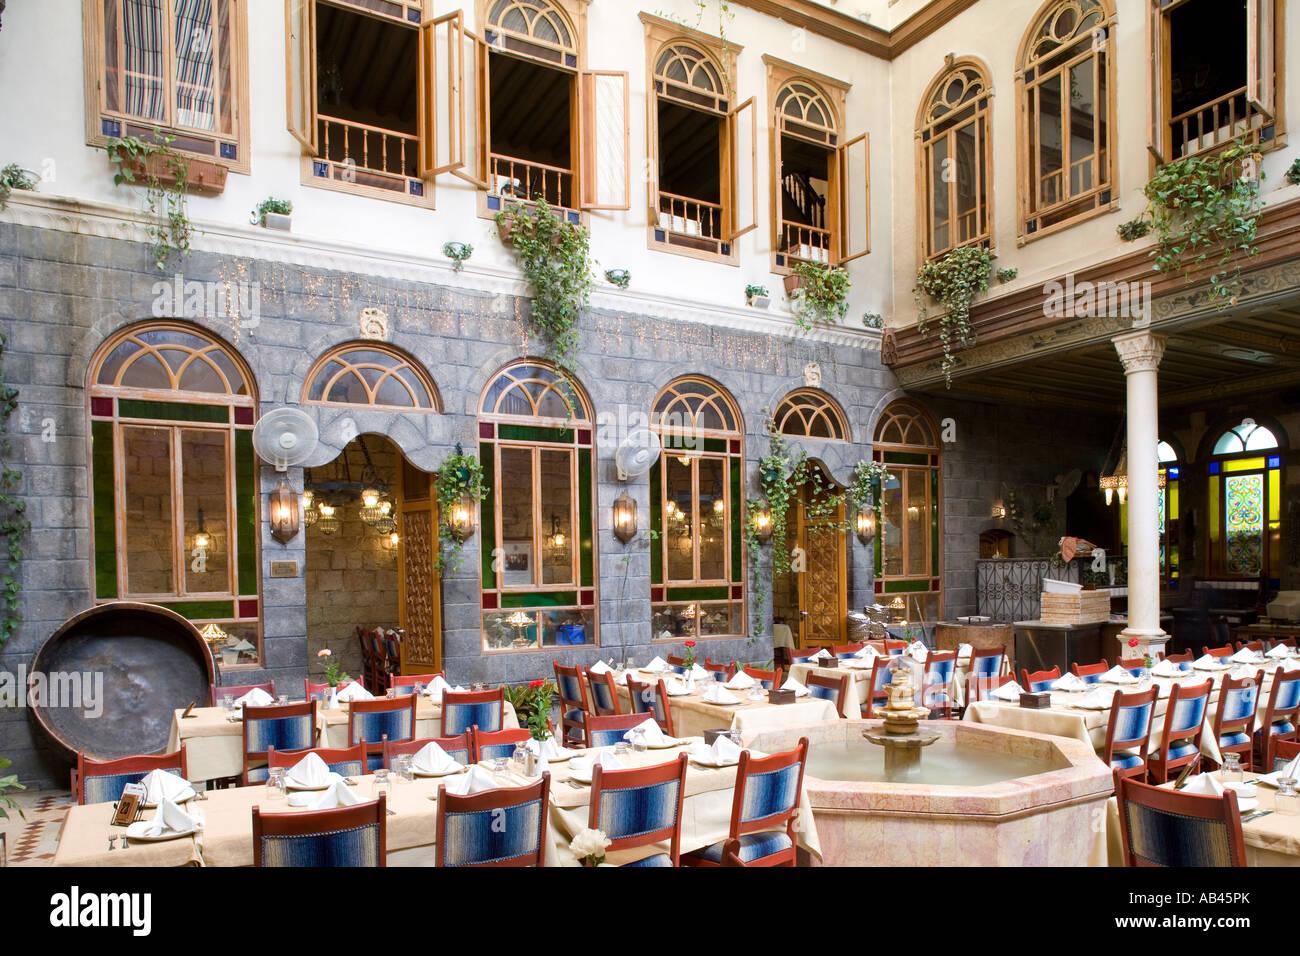 Innere des Al Khawali ein Restaurant in einem der schönen ...